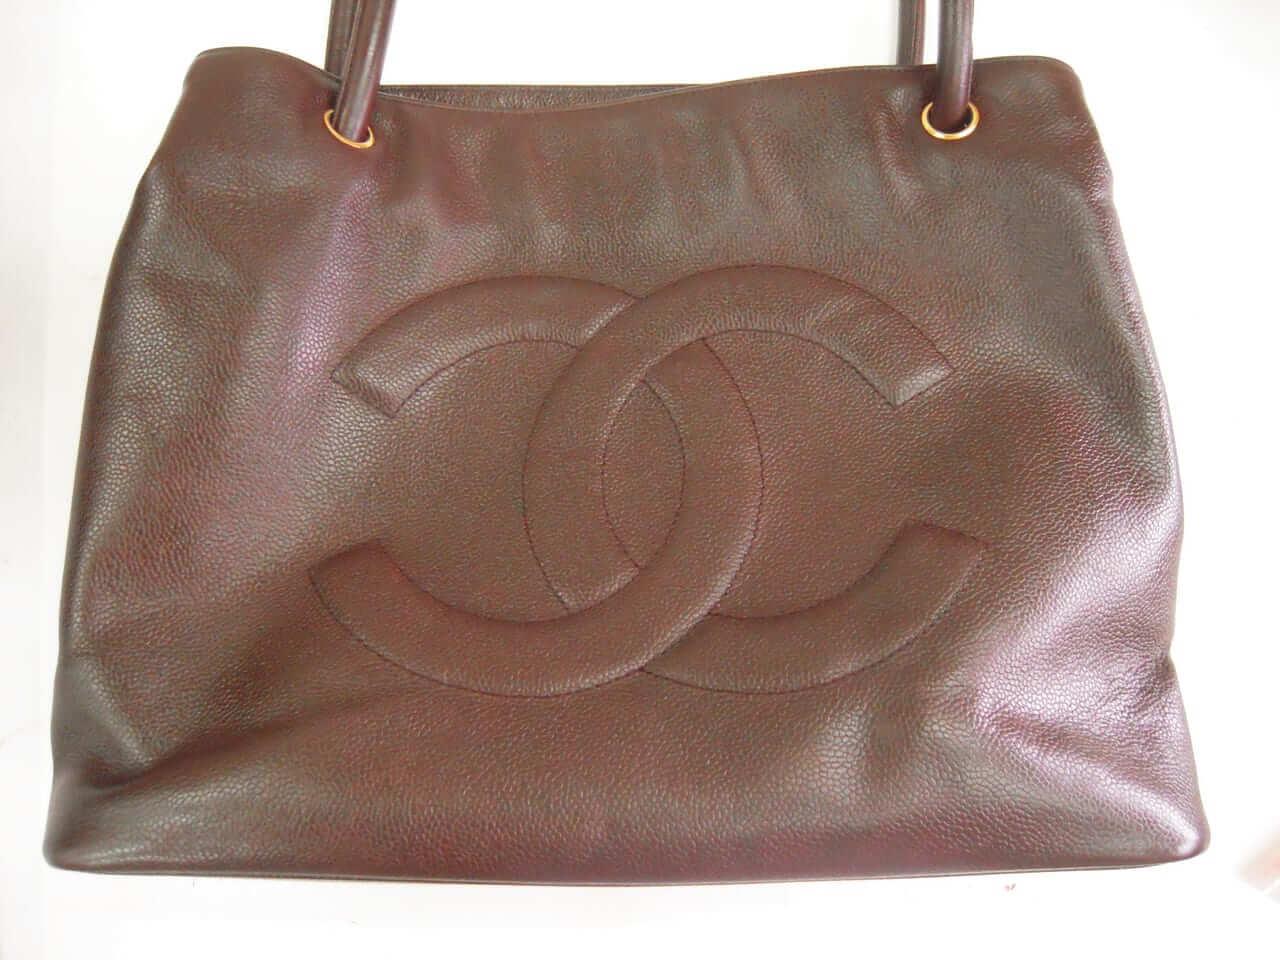 シャネル ショルダーバッグの色修復 <p>かなり使い込んでずっとしまっておいたバッグ。ベーシックケアで見違えるように綺麗になったと喜んで頂きました。</p>